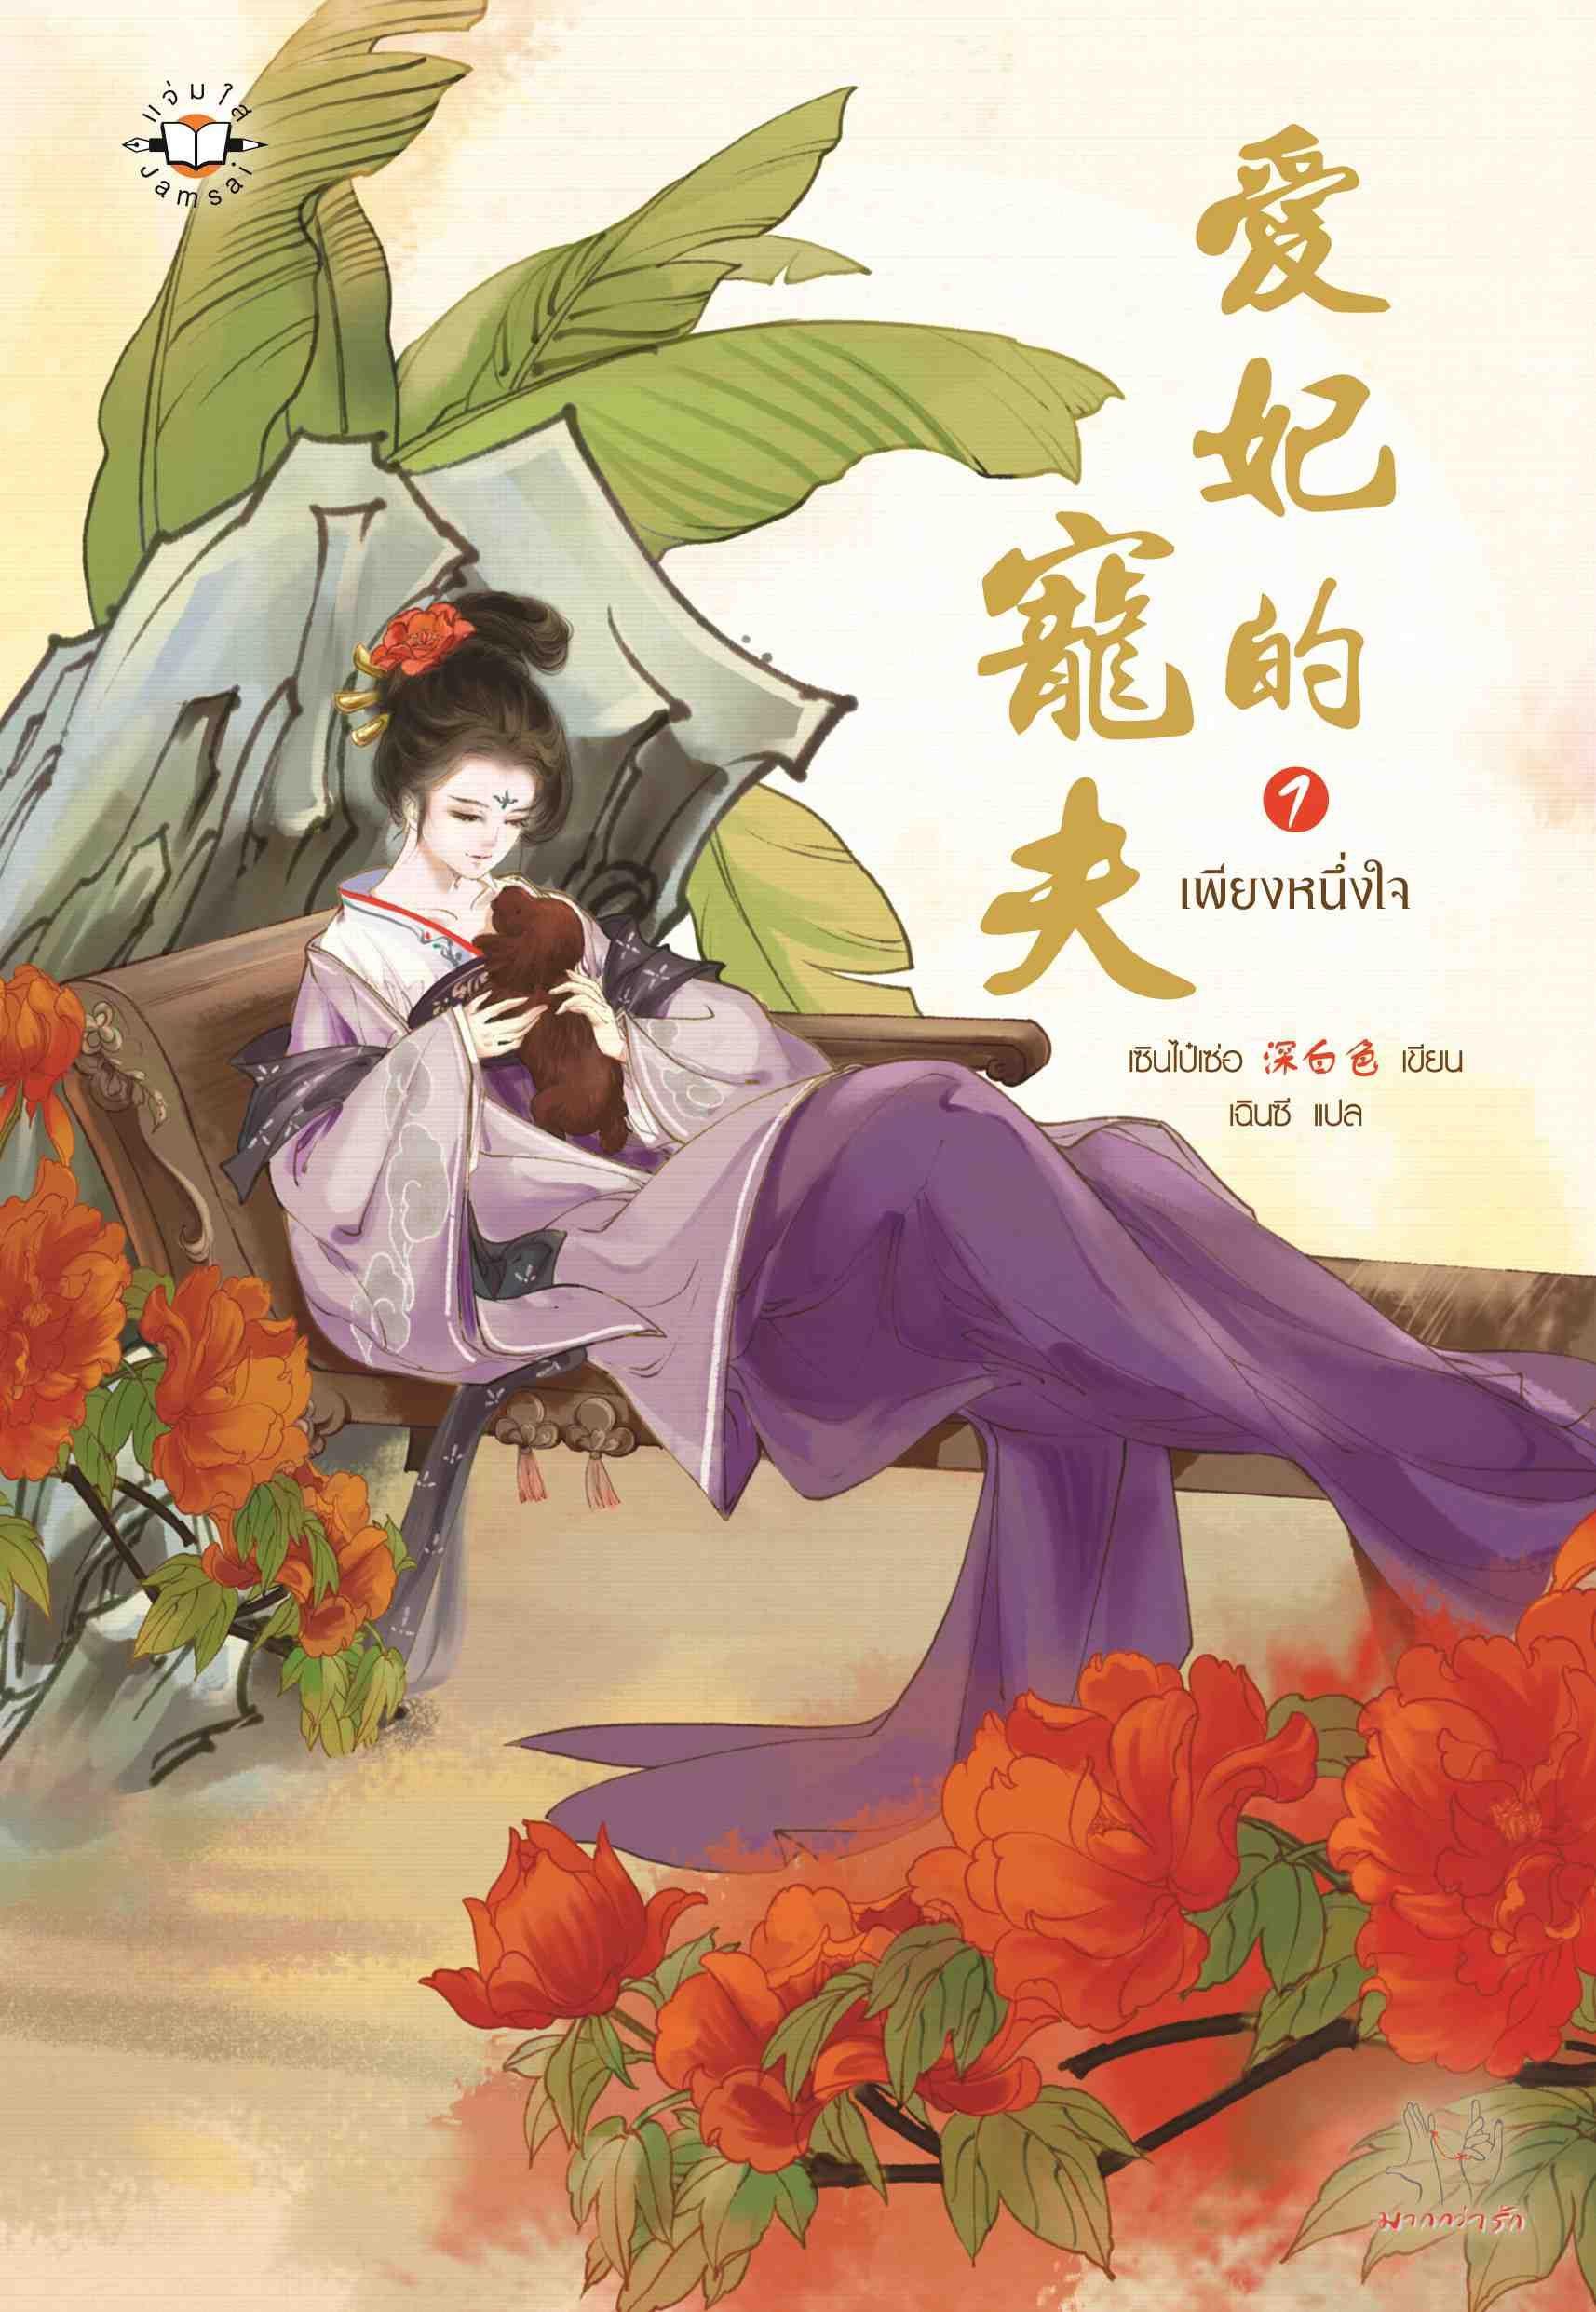 นิยาย เพียงหนึ่งใจ 愛妃的寵夫 (นิยายจีนแปล) : Dek